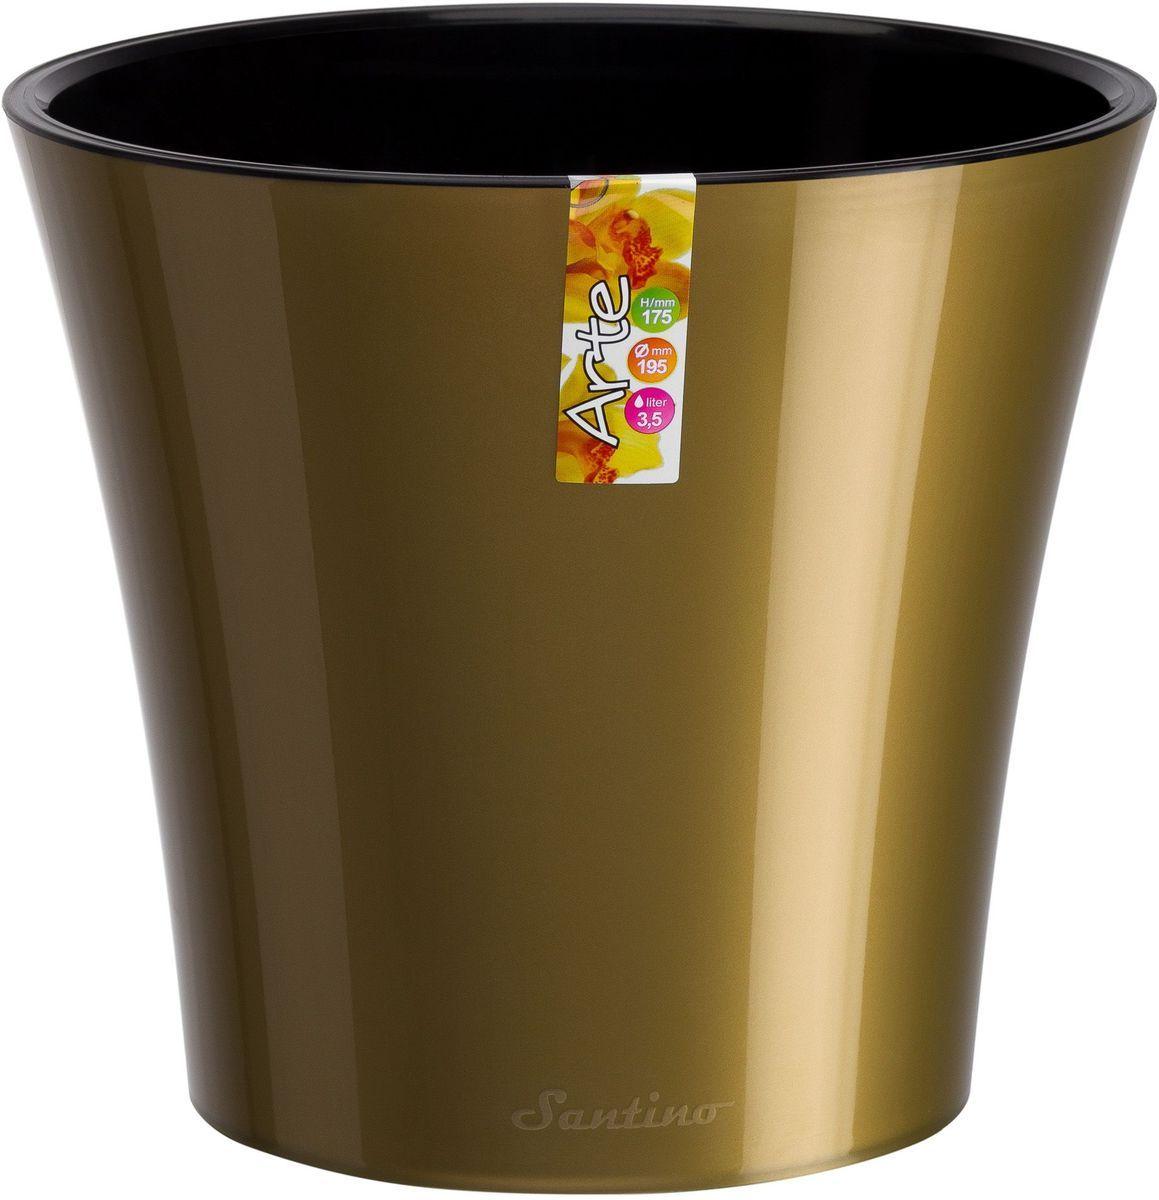 Горшок цветочный Santino Арте, двойной, с системой автополива, цвет: золотой, черный, 3,5 лАРТ 3,5 З-ЧСистем автополива - гарантия здоровья ваших цветов. Экономия времени - решение для самых занятых. Чистота и удобство - нет протекания воды при поливе. Здоровые корини - нет застаивания корней в воде. Оптимальный рост - корни обеспечены циркуляцией воздуха.